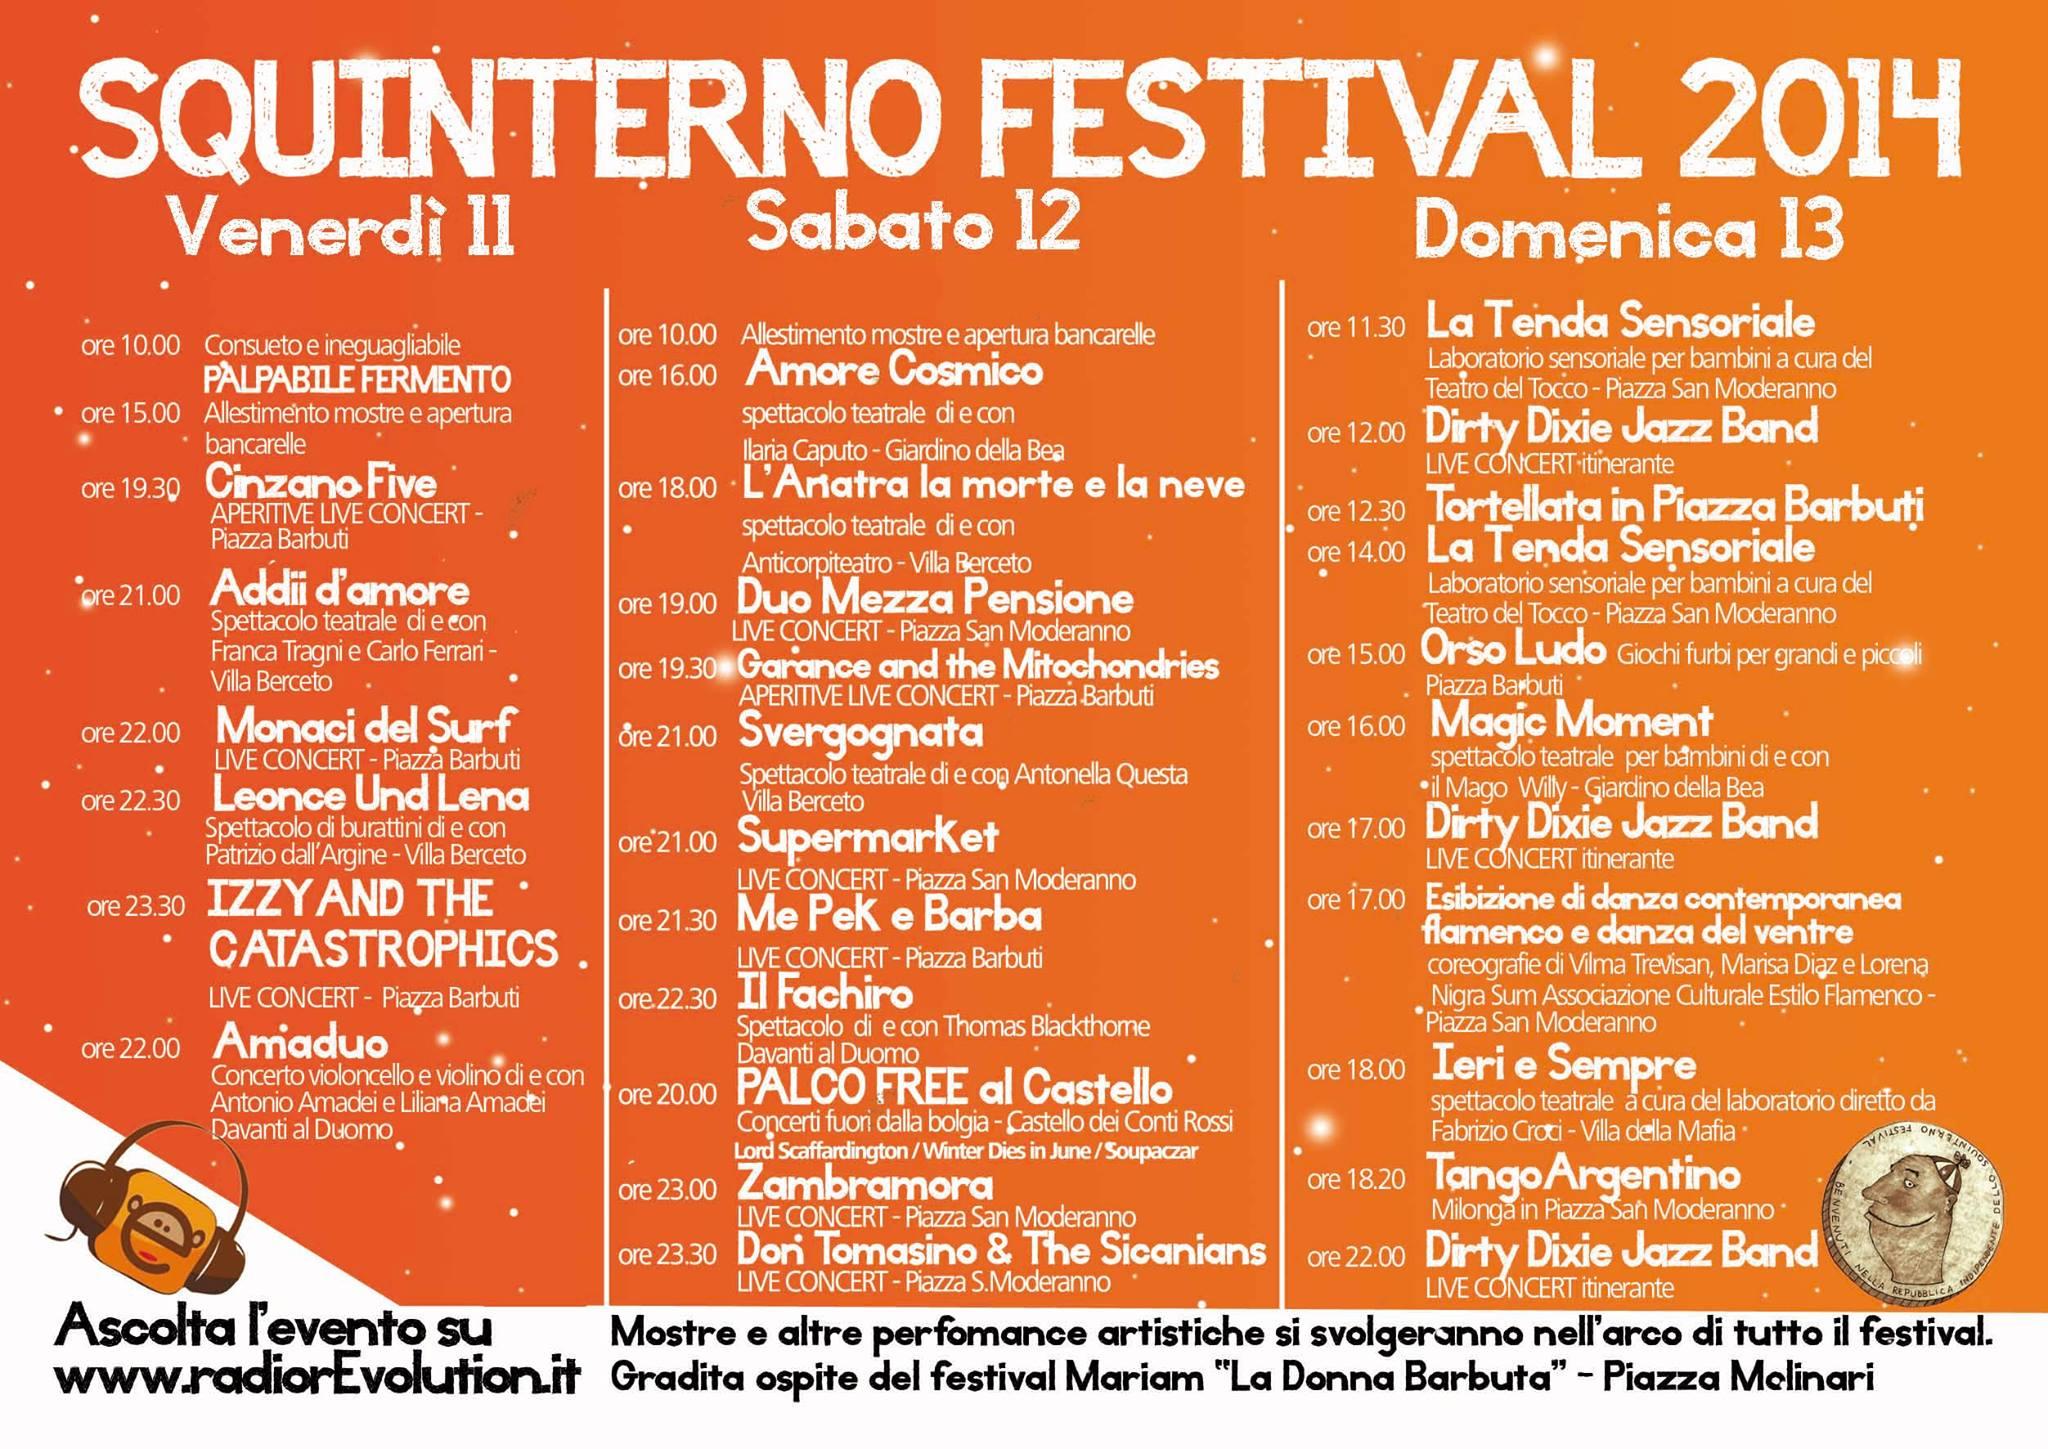 Squinterno_Programma_2014